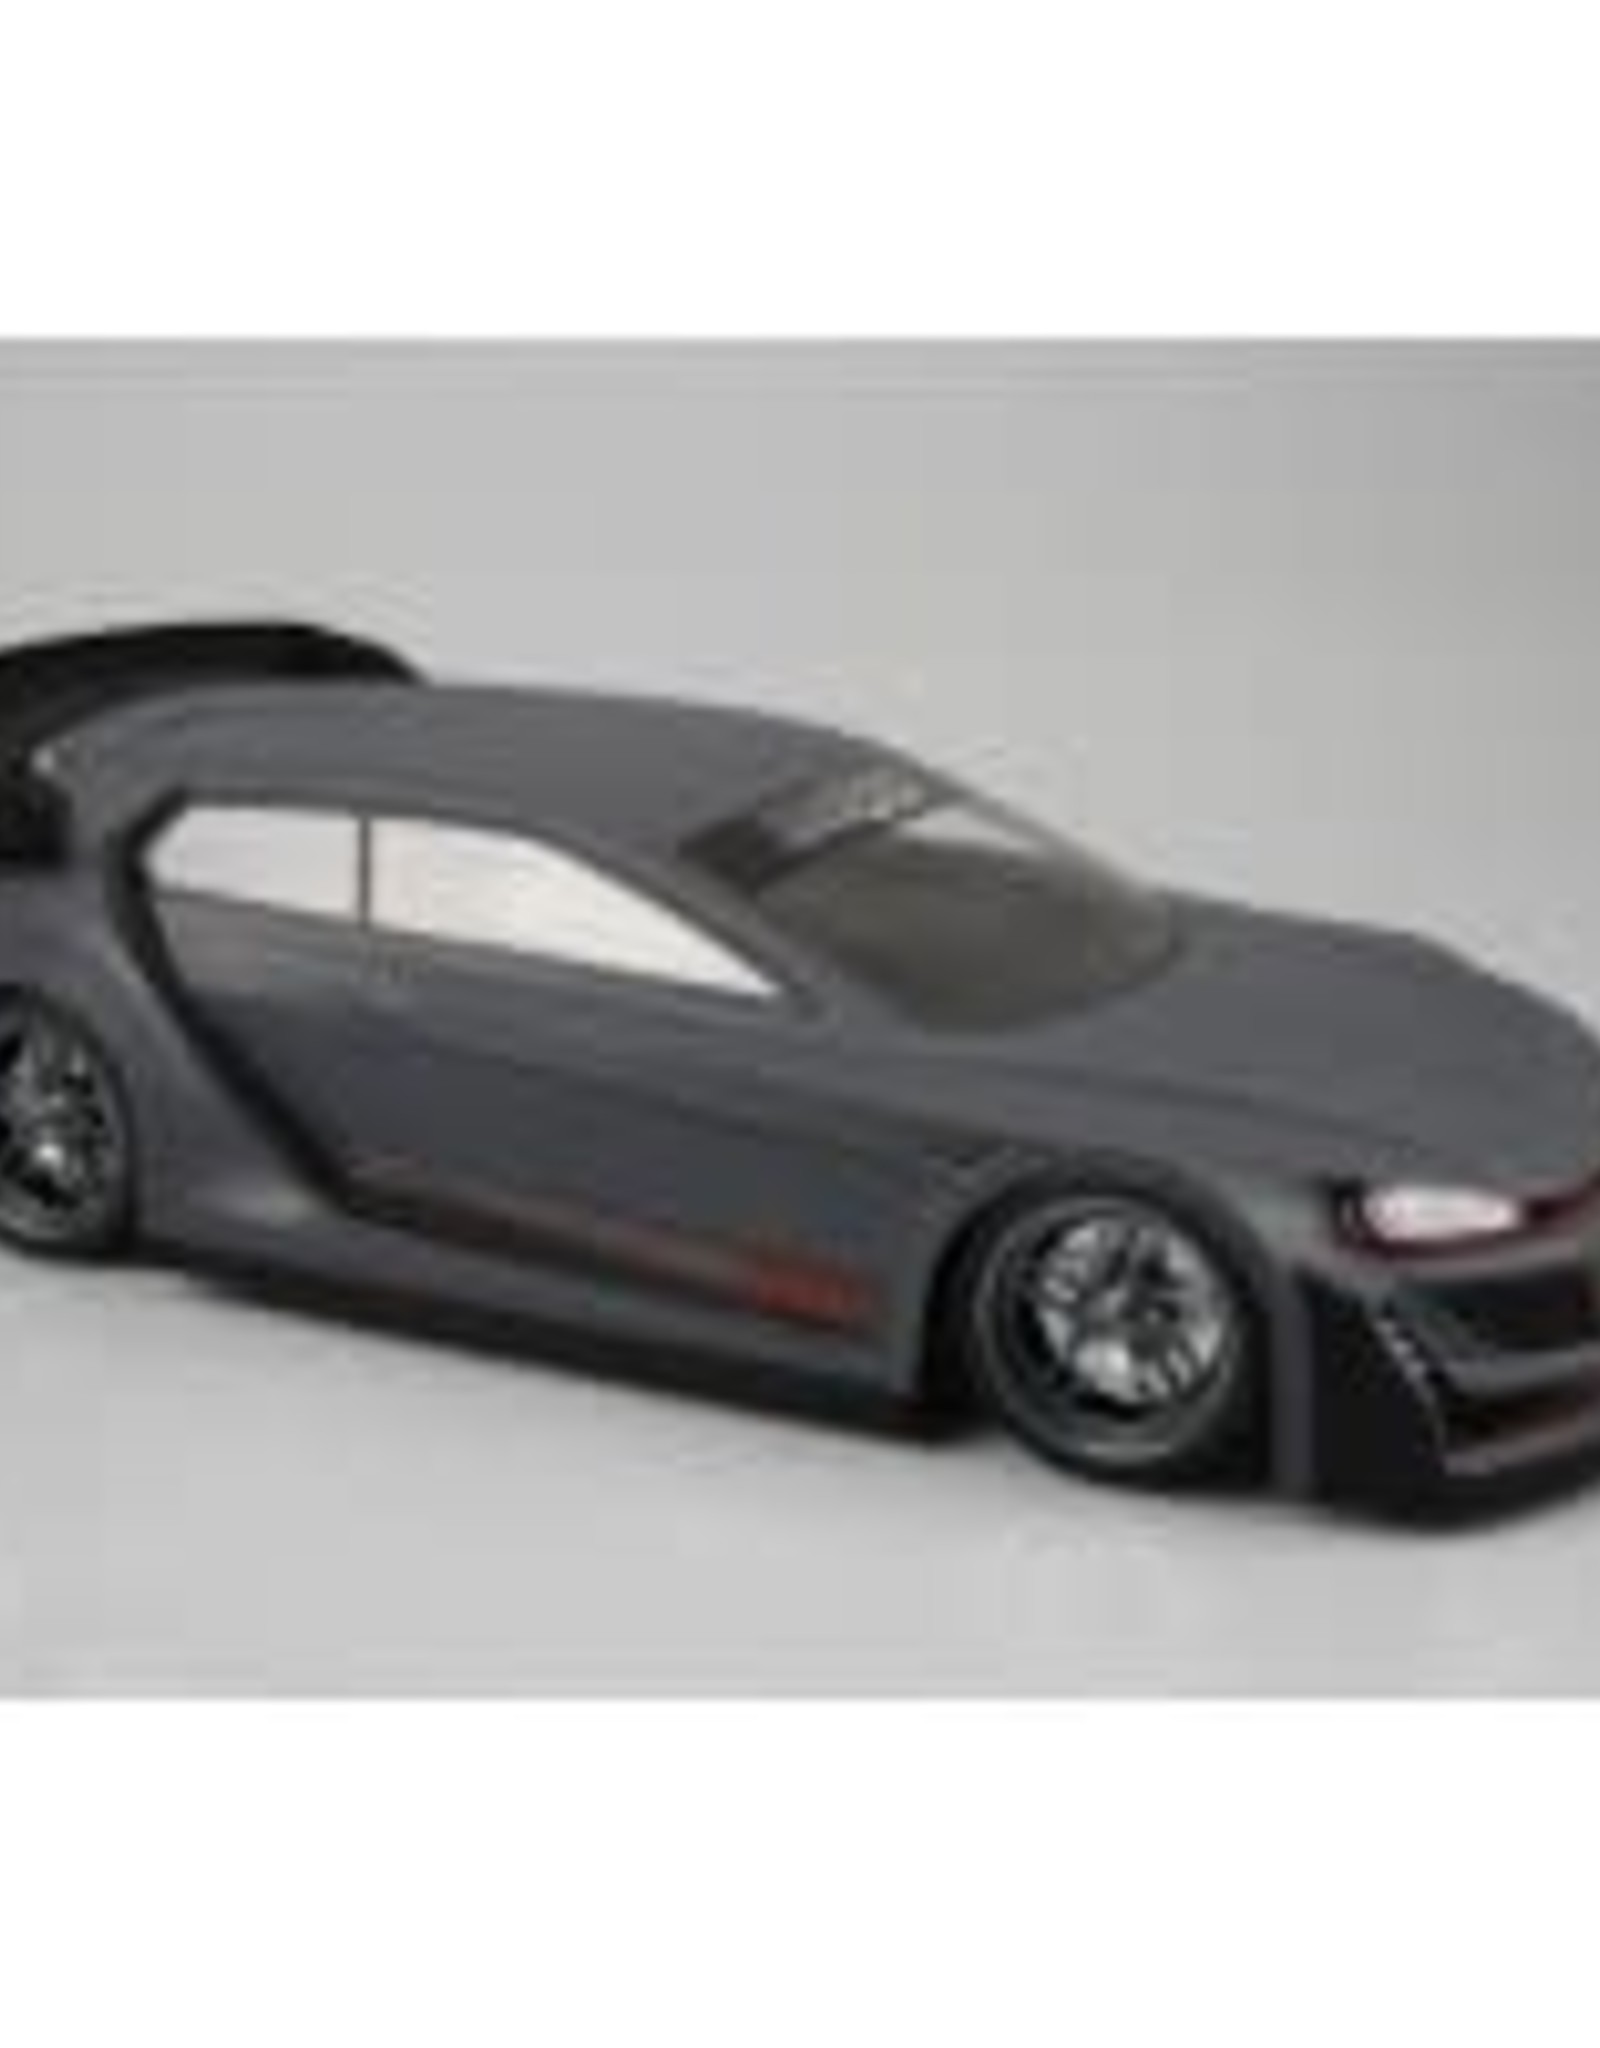 mon-tech Mon-Tech GTI Vision FWD Body 190mm